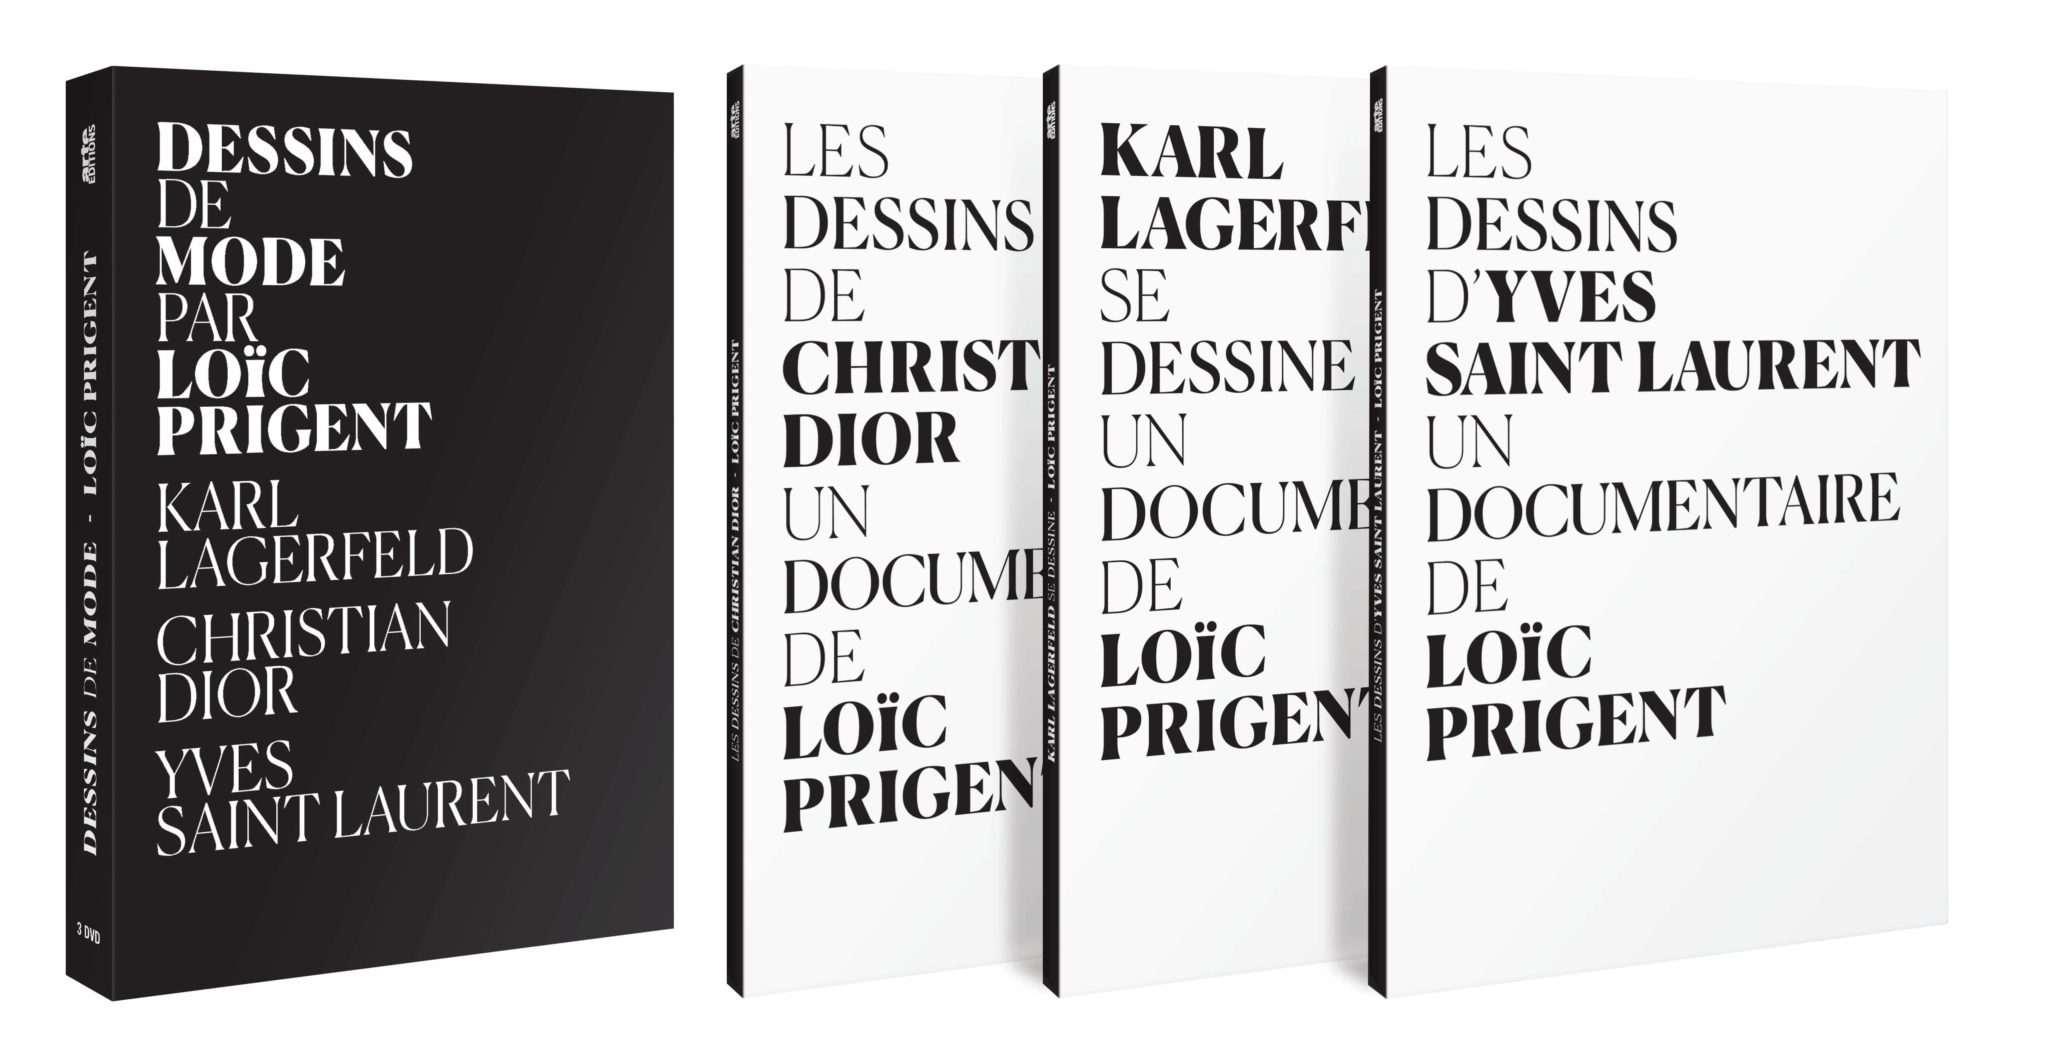 Prigent Arte De Pour Coffret L'identité Loïc Du Documentaire PwX80Onk